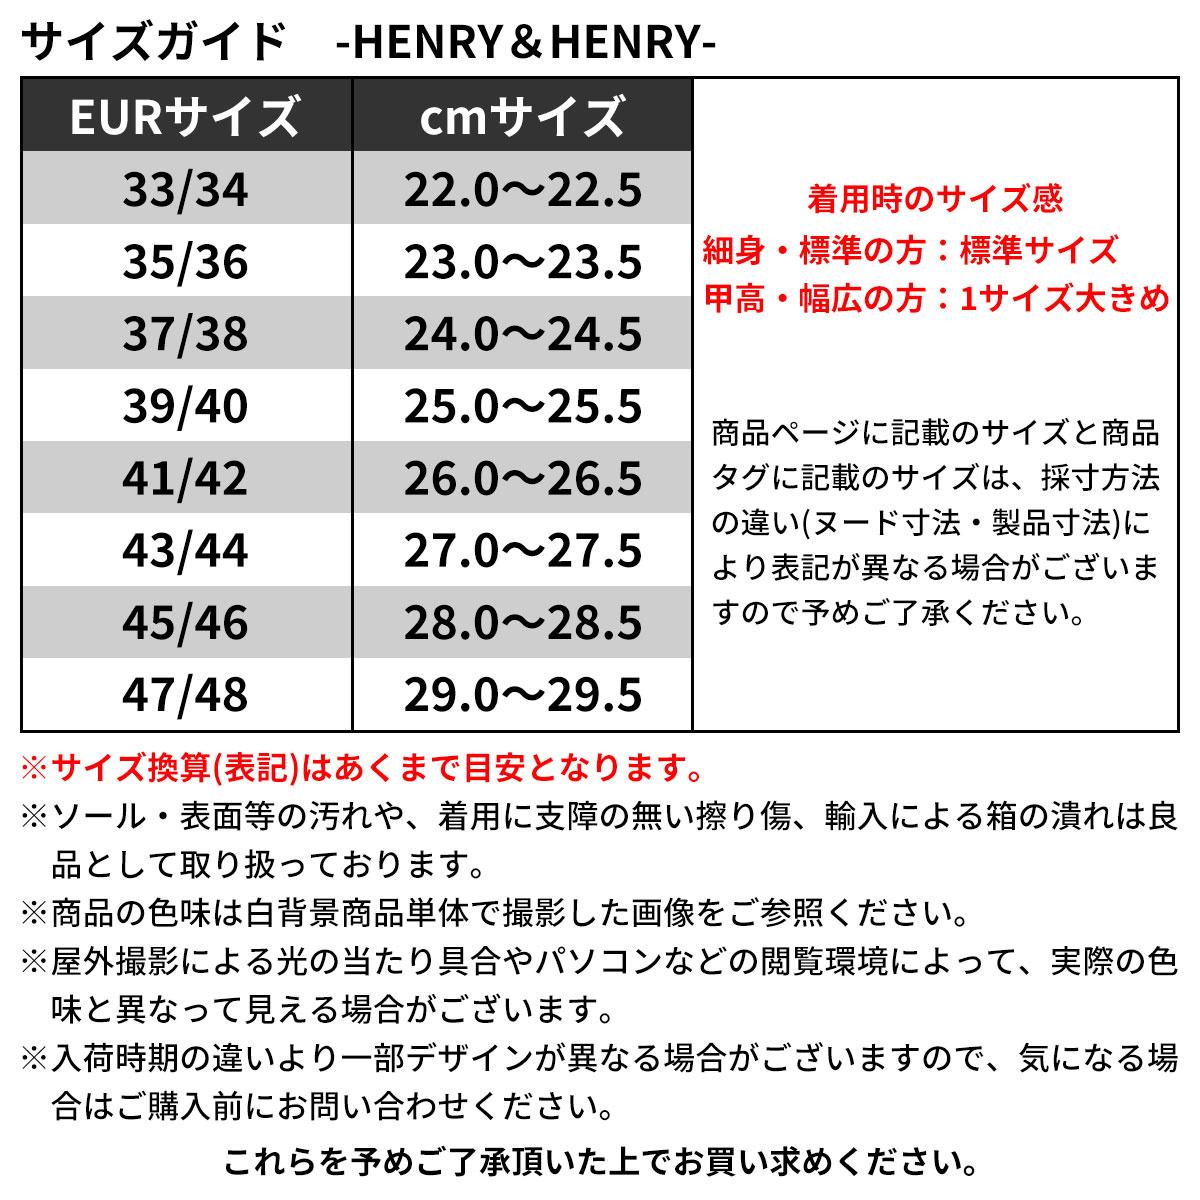 henryhenry_1